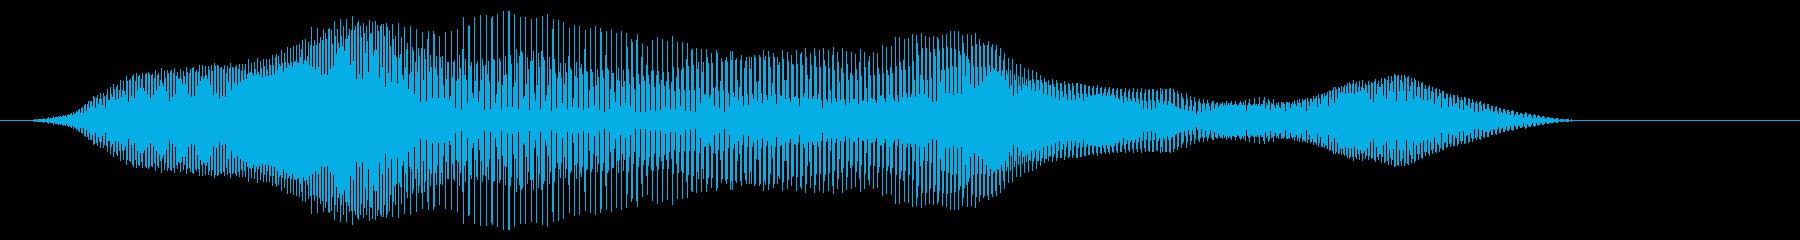 いぇーい!【ロリキャラの褒めボイス】の再生済みの波形